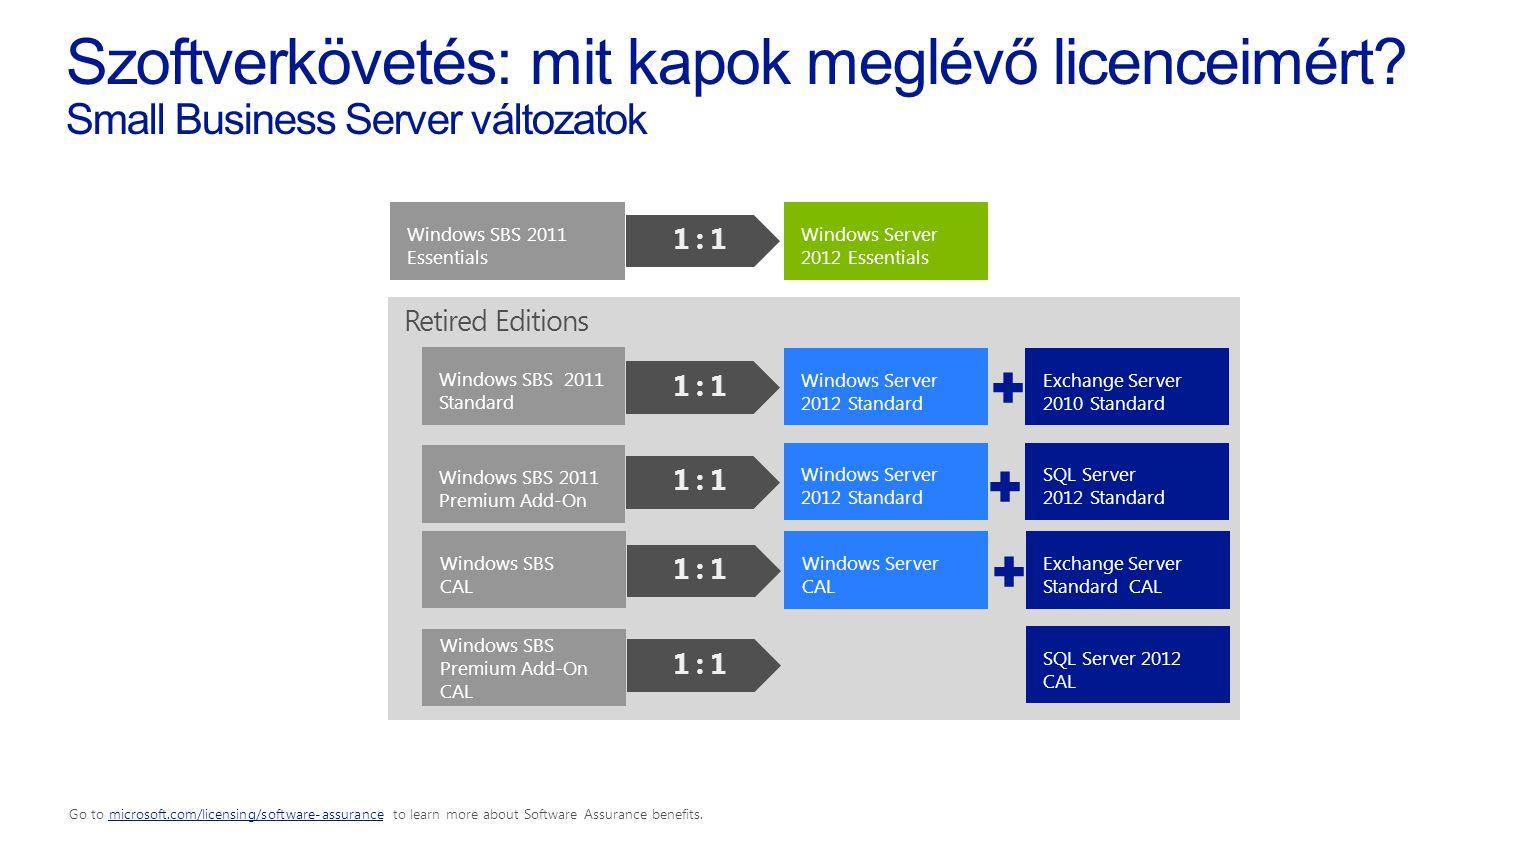 Szoftverkövetés: mit kapok meglévő licenceimért